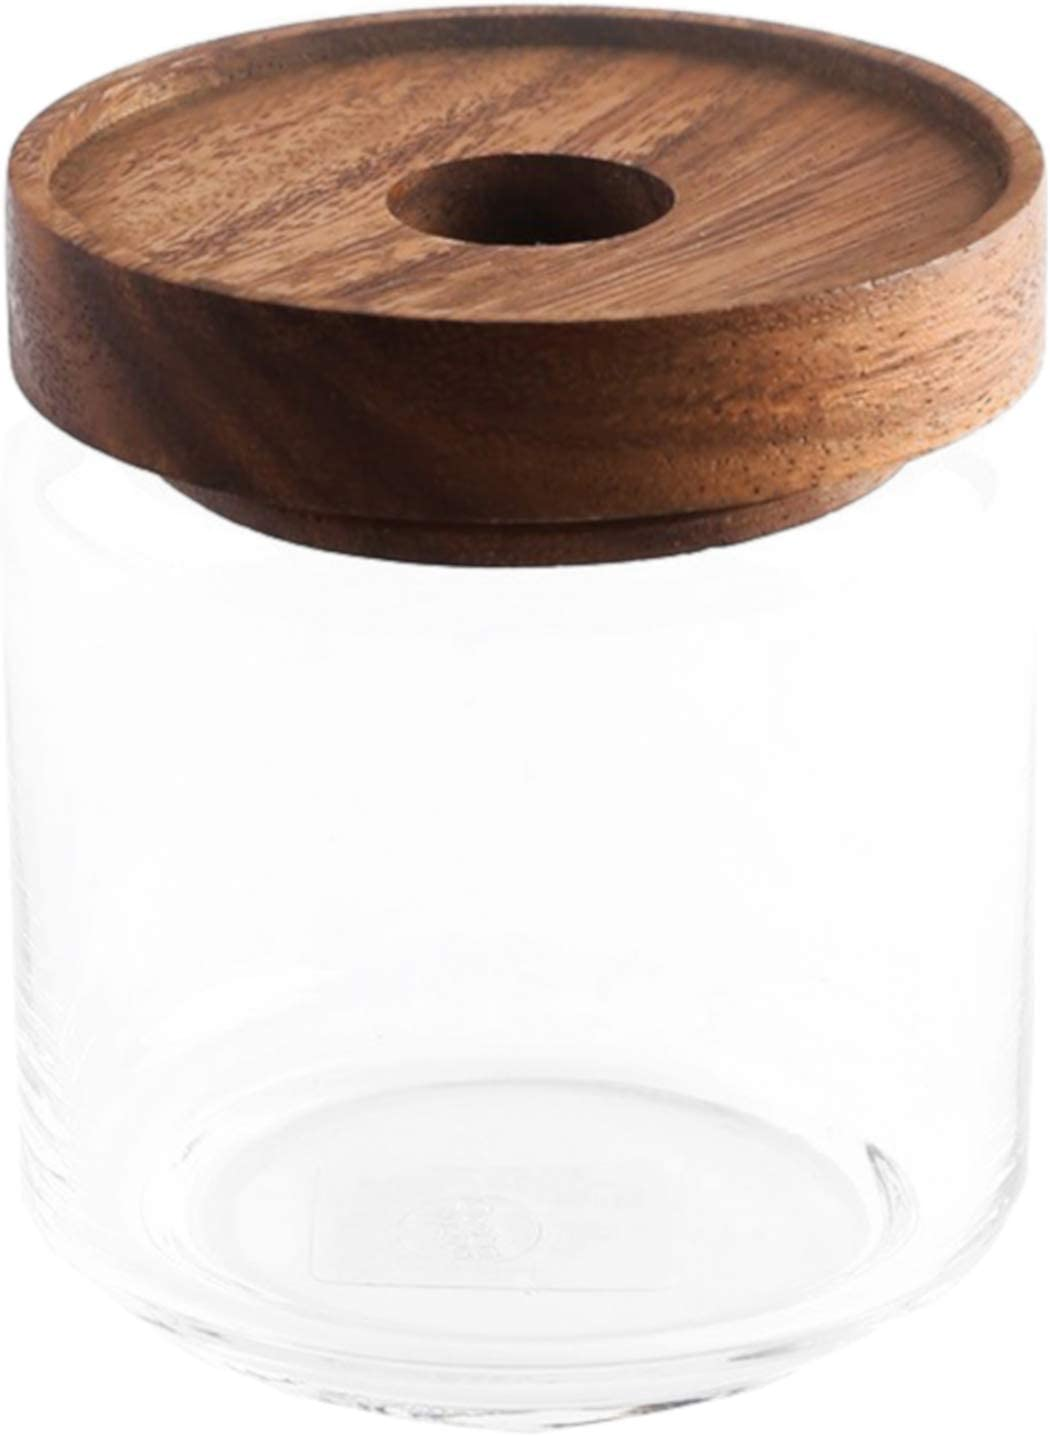 Chabatree グラスジャー 500ml クリア 約直径9×高さ10.5cm アカシア材 木蓋 パッキン付き ST-007